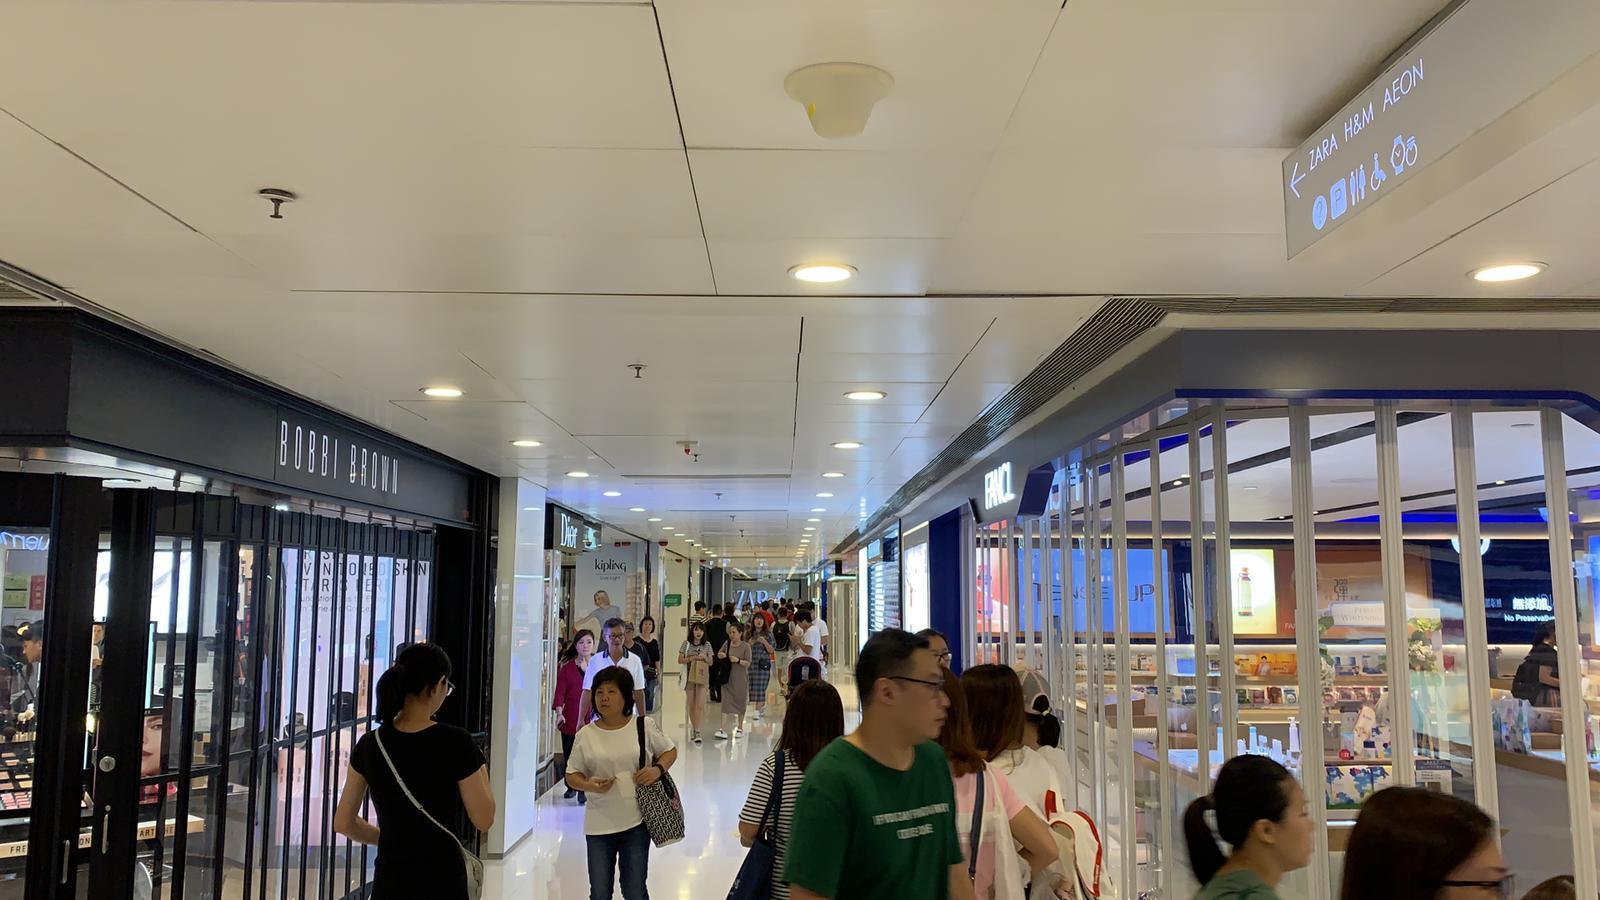 屯門市廣場也有店鋪拉閘。